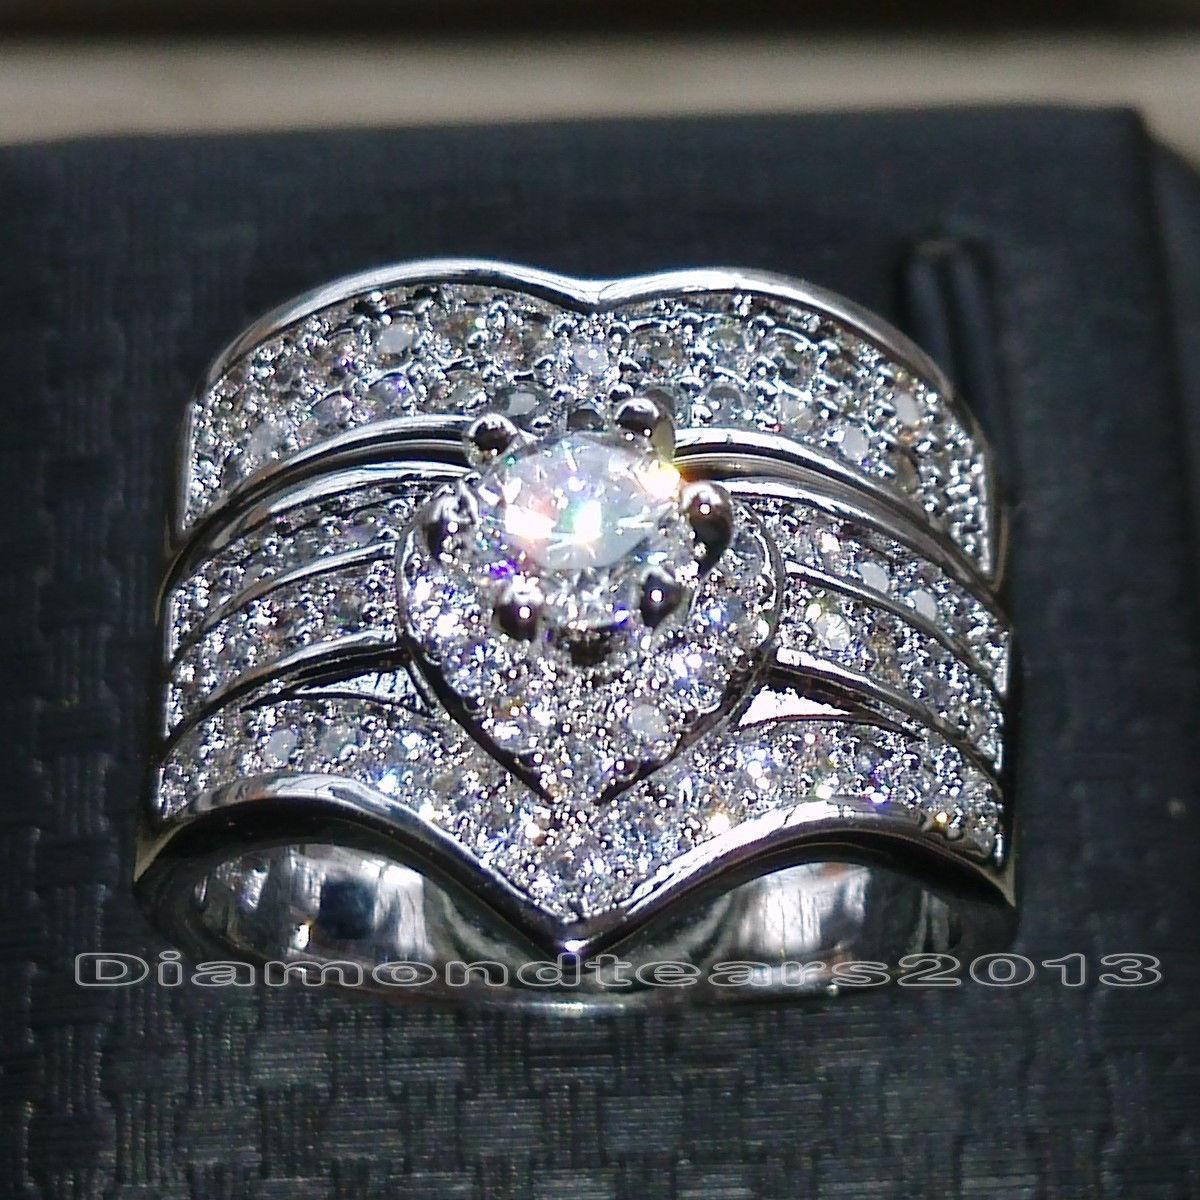 Victoria de oro blanco Wieck joyería lujo de la marca de Desgin 10kt del corte redondo lleno Sapphire CZ Diamond anillos de boda nupcial conjunto de la Mujer Tamaño 5-11